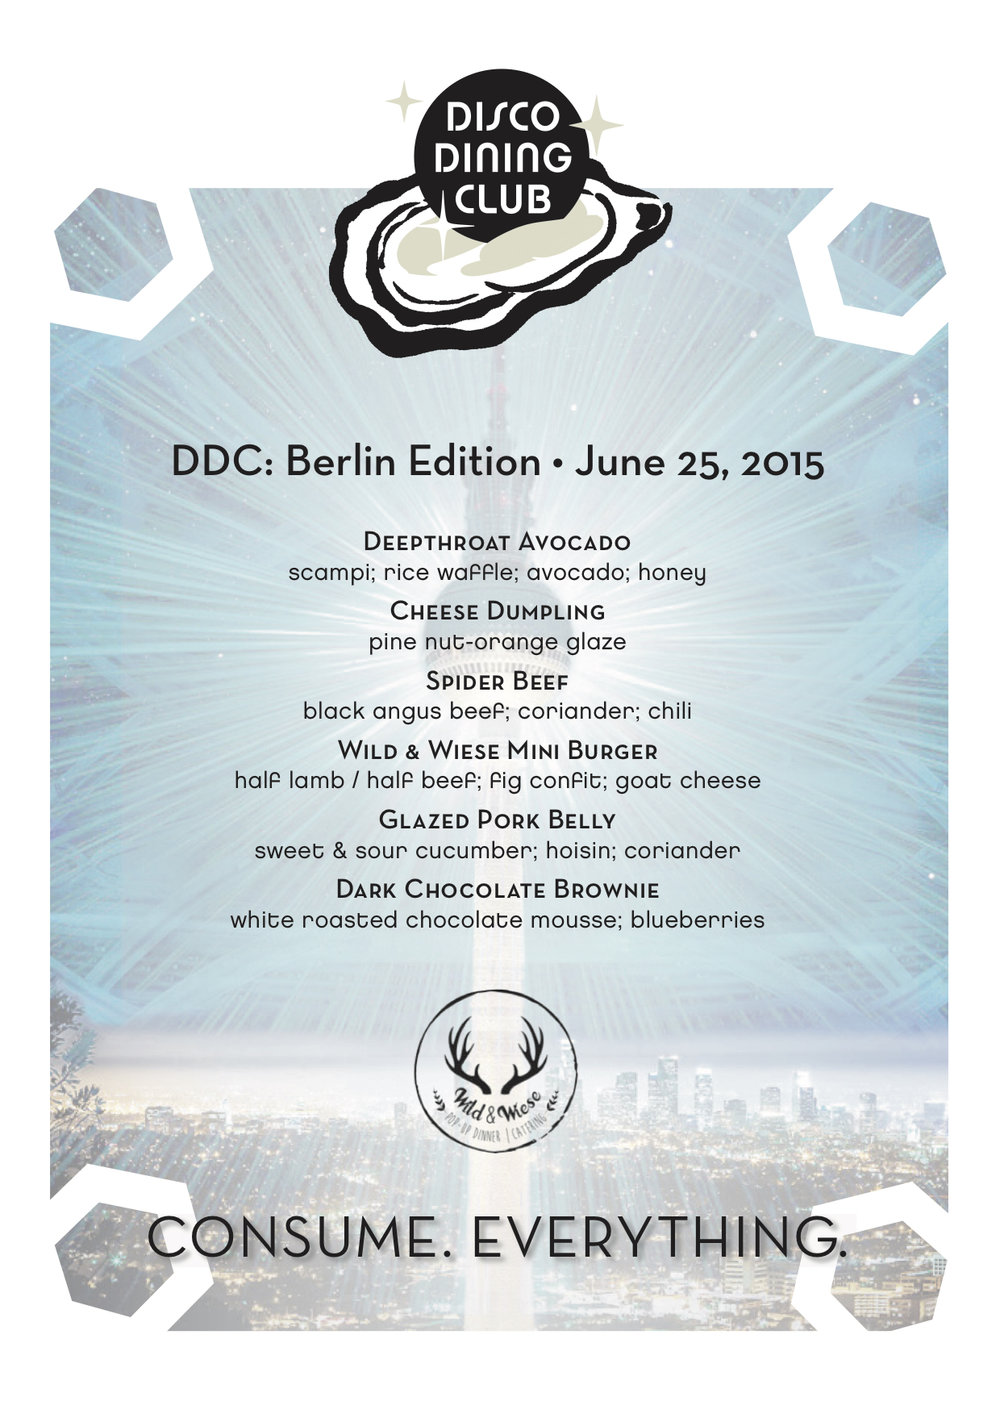 DDC Berlin Menu.jpg